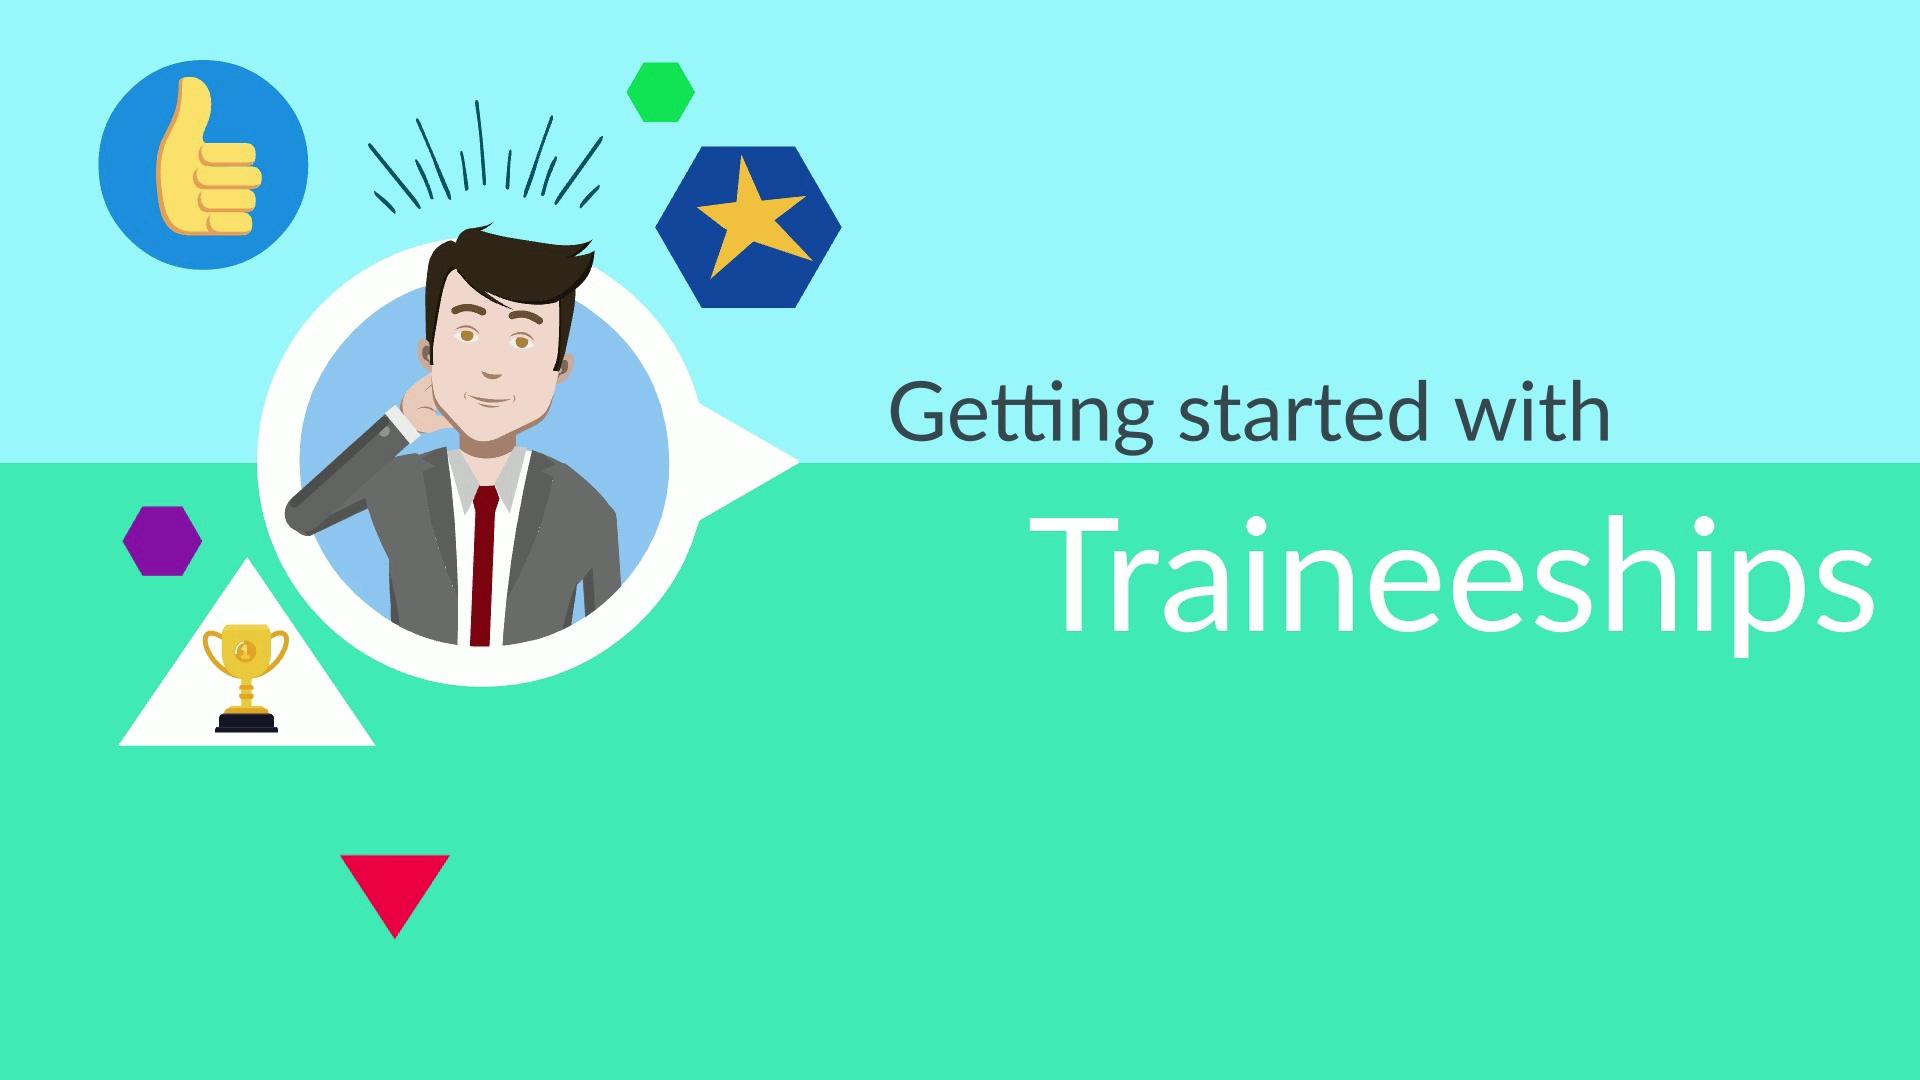 Traineeship - Employer